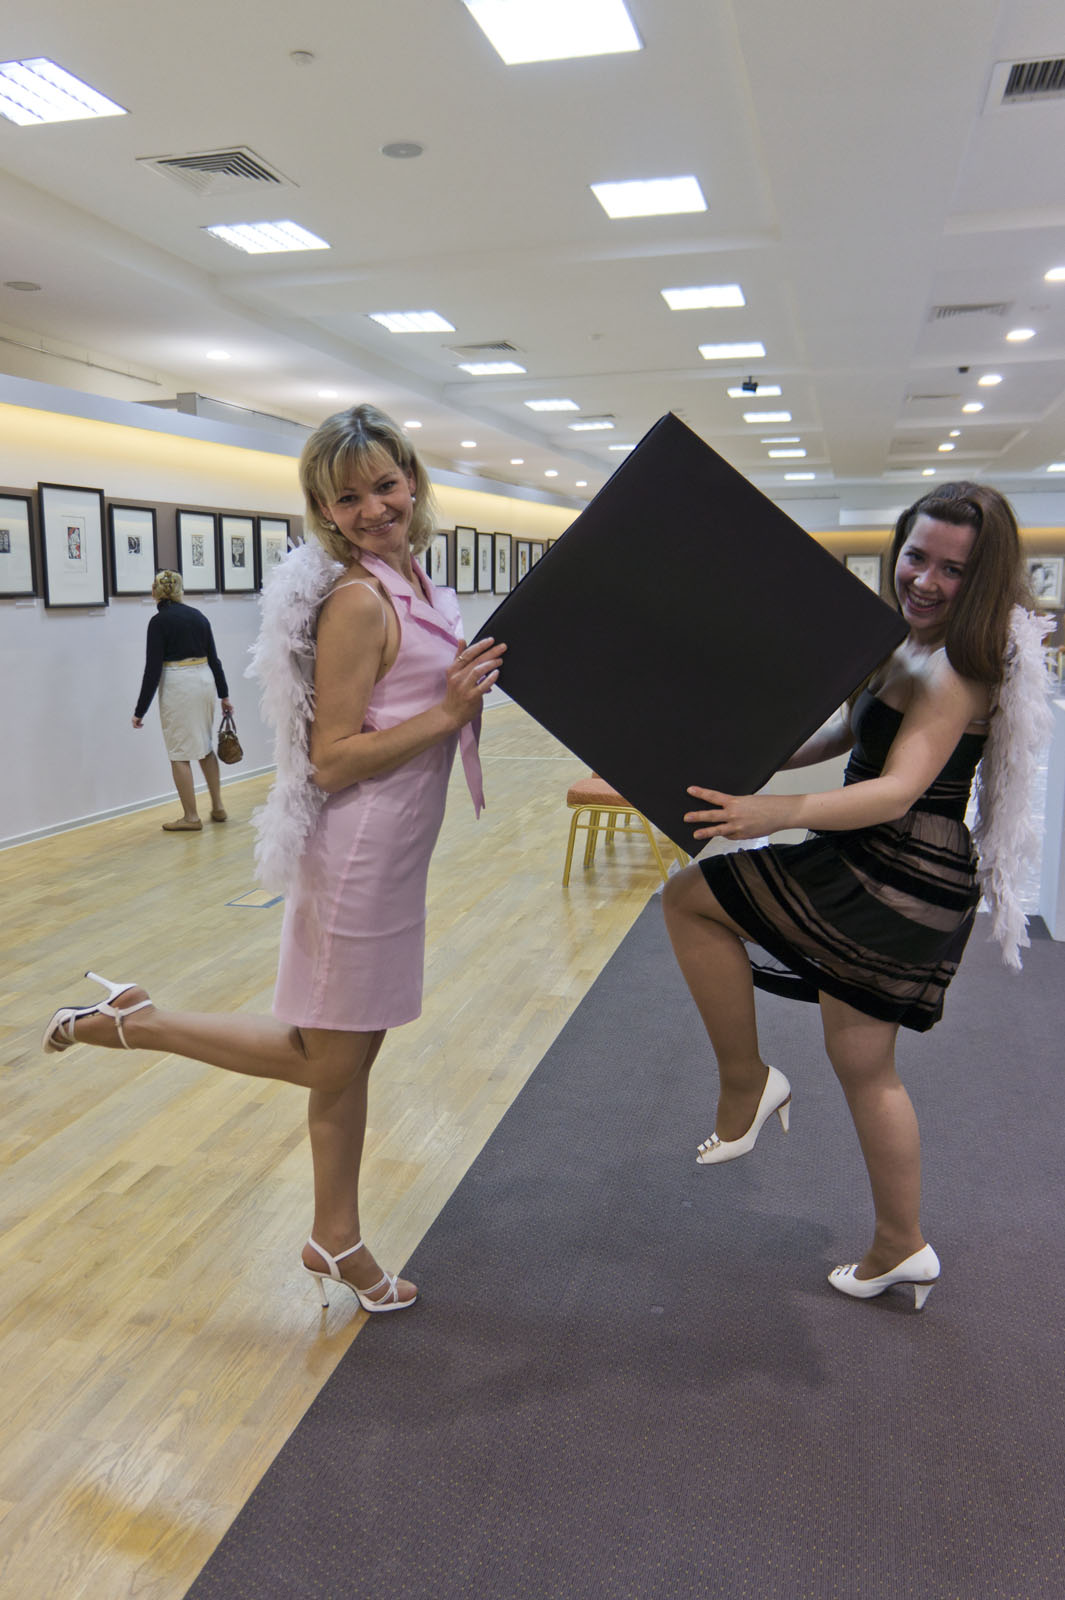 Фото №77974. Ангелы-вдохновители и Черный квадрат Малевича ( в данном случае, черный куб)